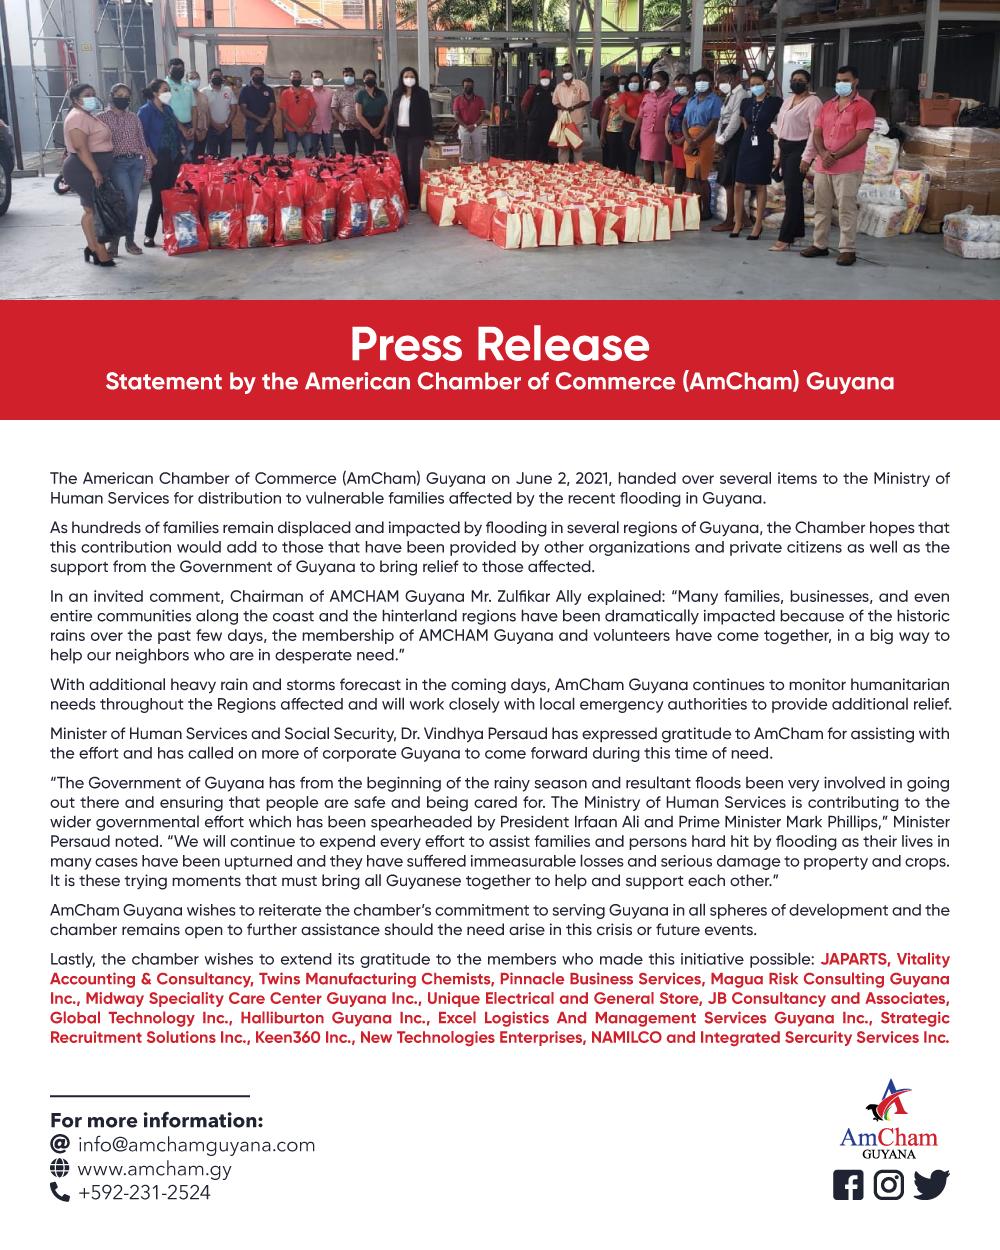 amcham flood relief statement